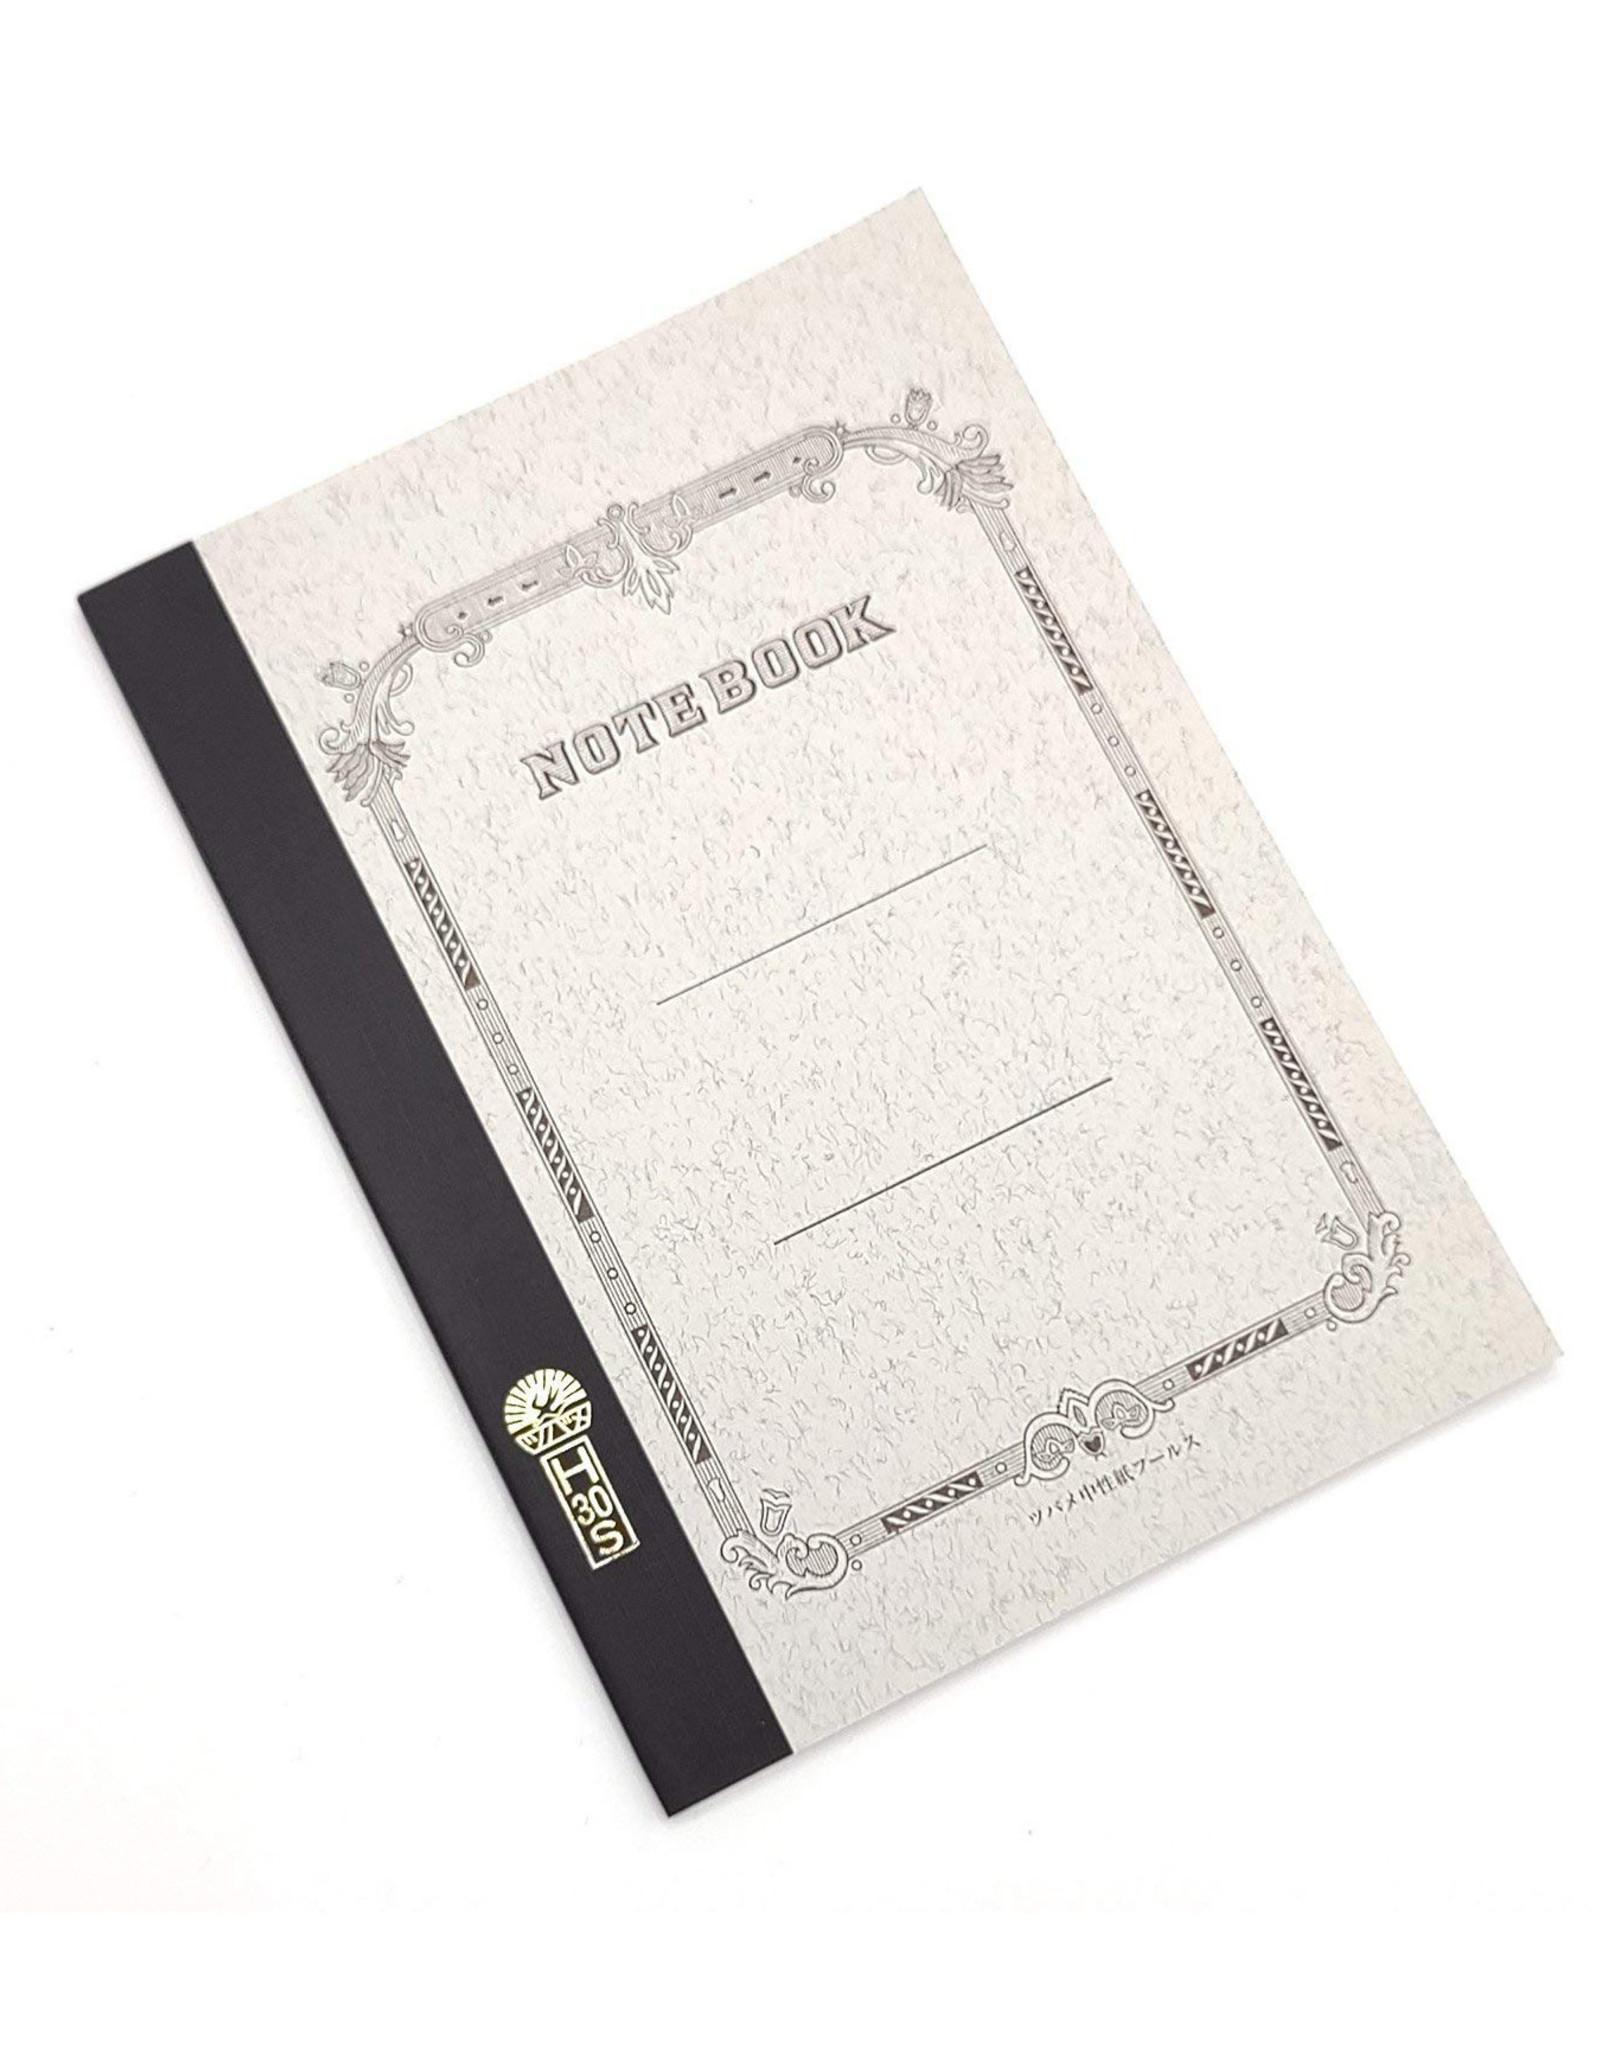 Tsubame A5 Notebook - Small